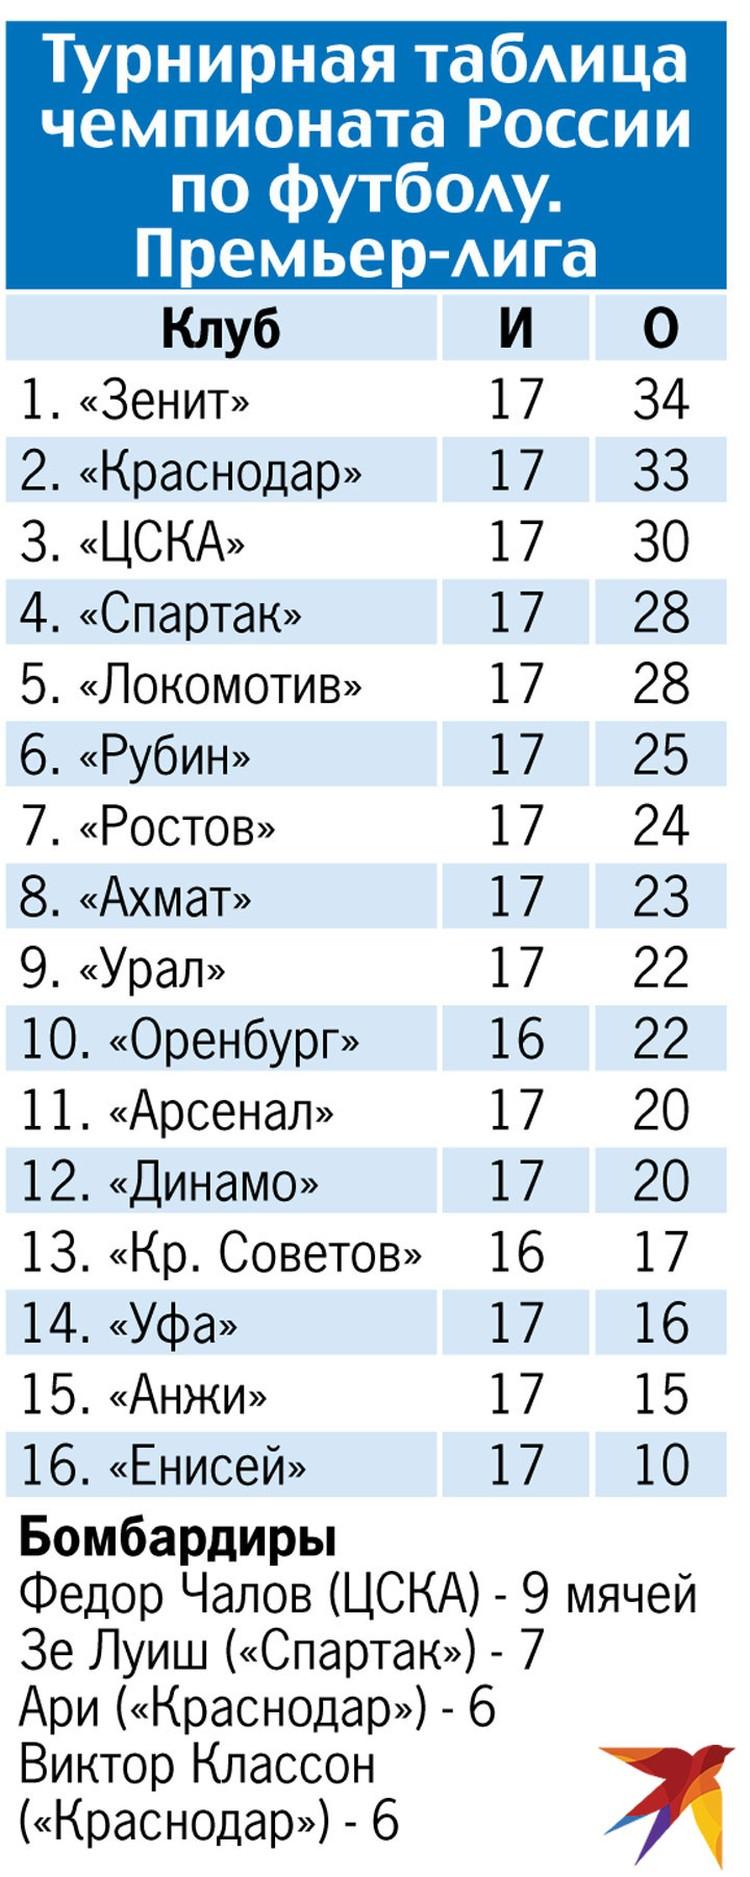 Турнирная таблица чемпионата России по футболу. Премьер-лига.